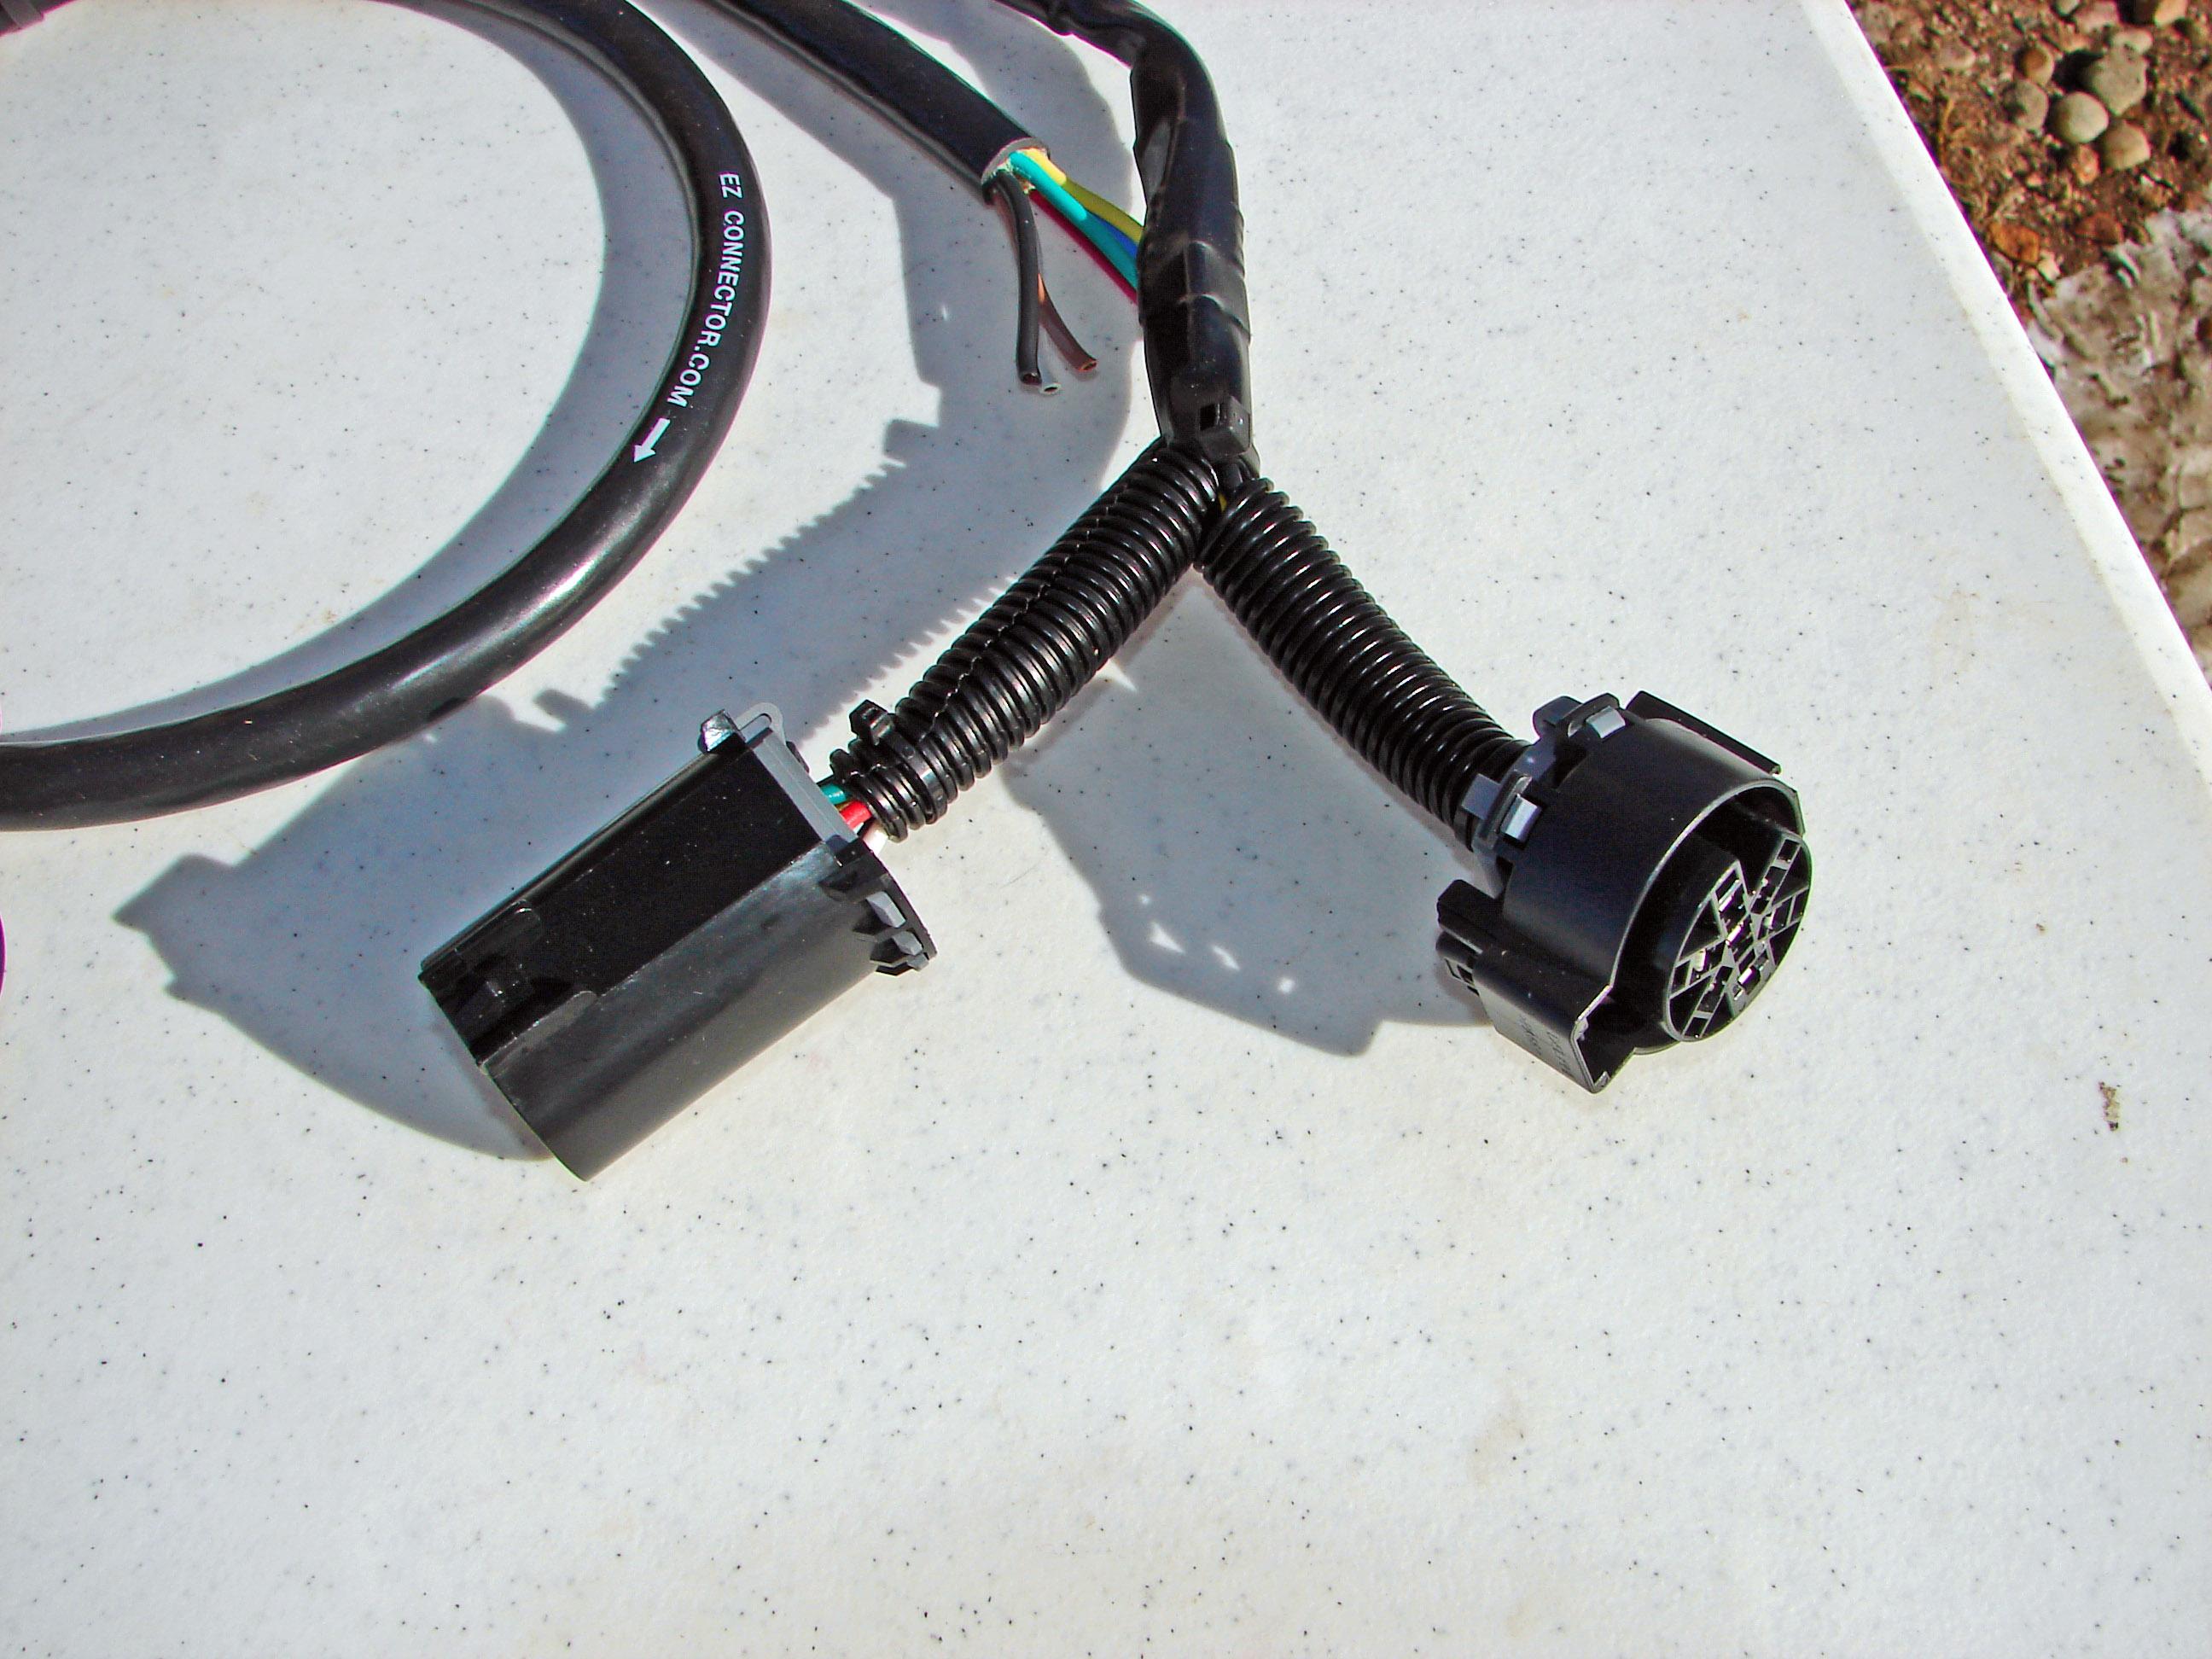 ezc11?resize\=665%2C499 se lp10 wiring diagram sargent online \u2022 edmiracle co  at gsmportal.co